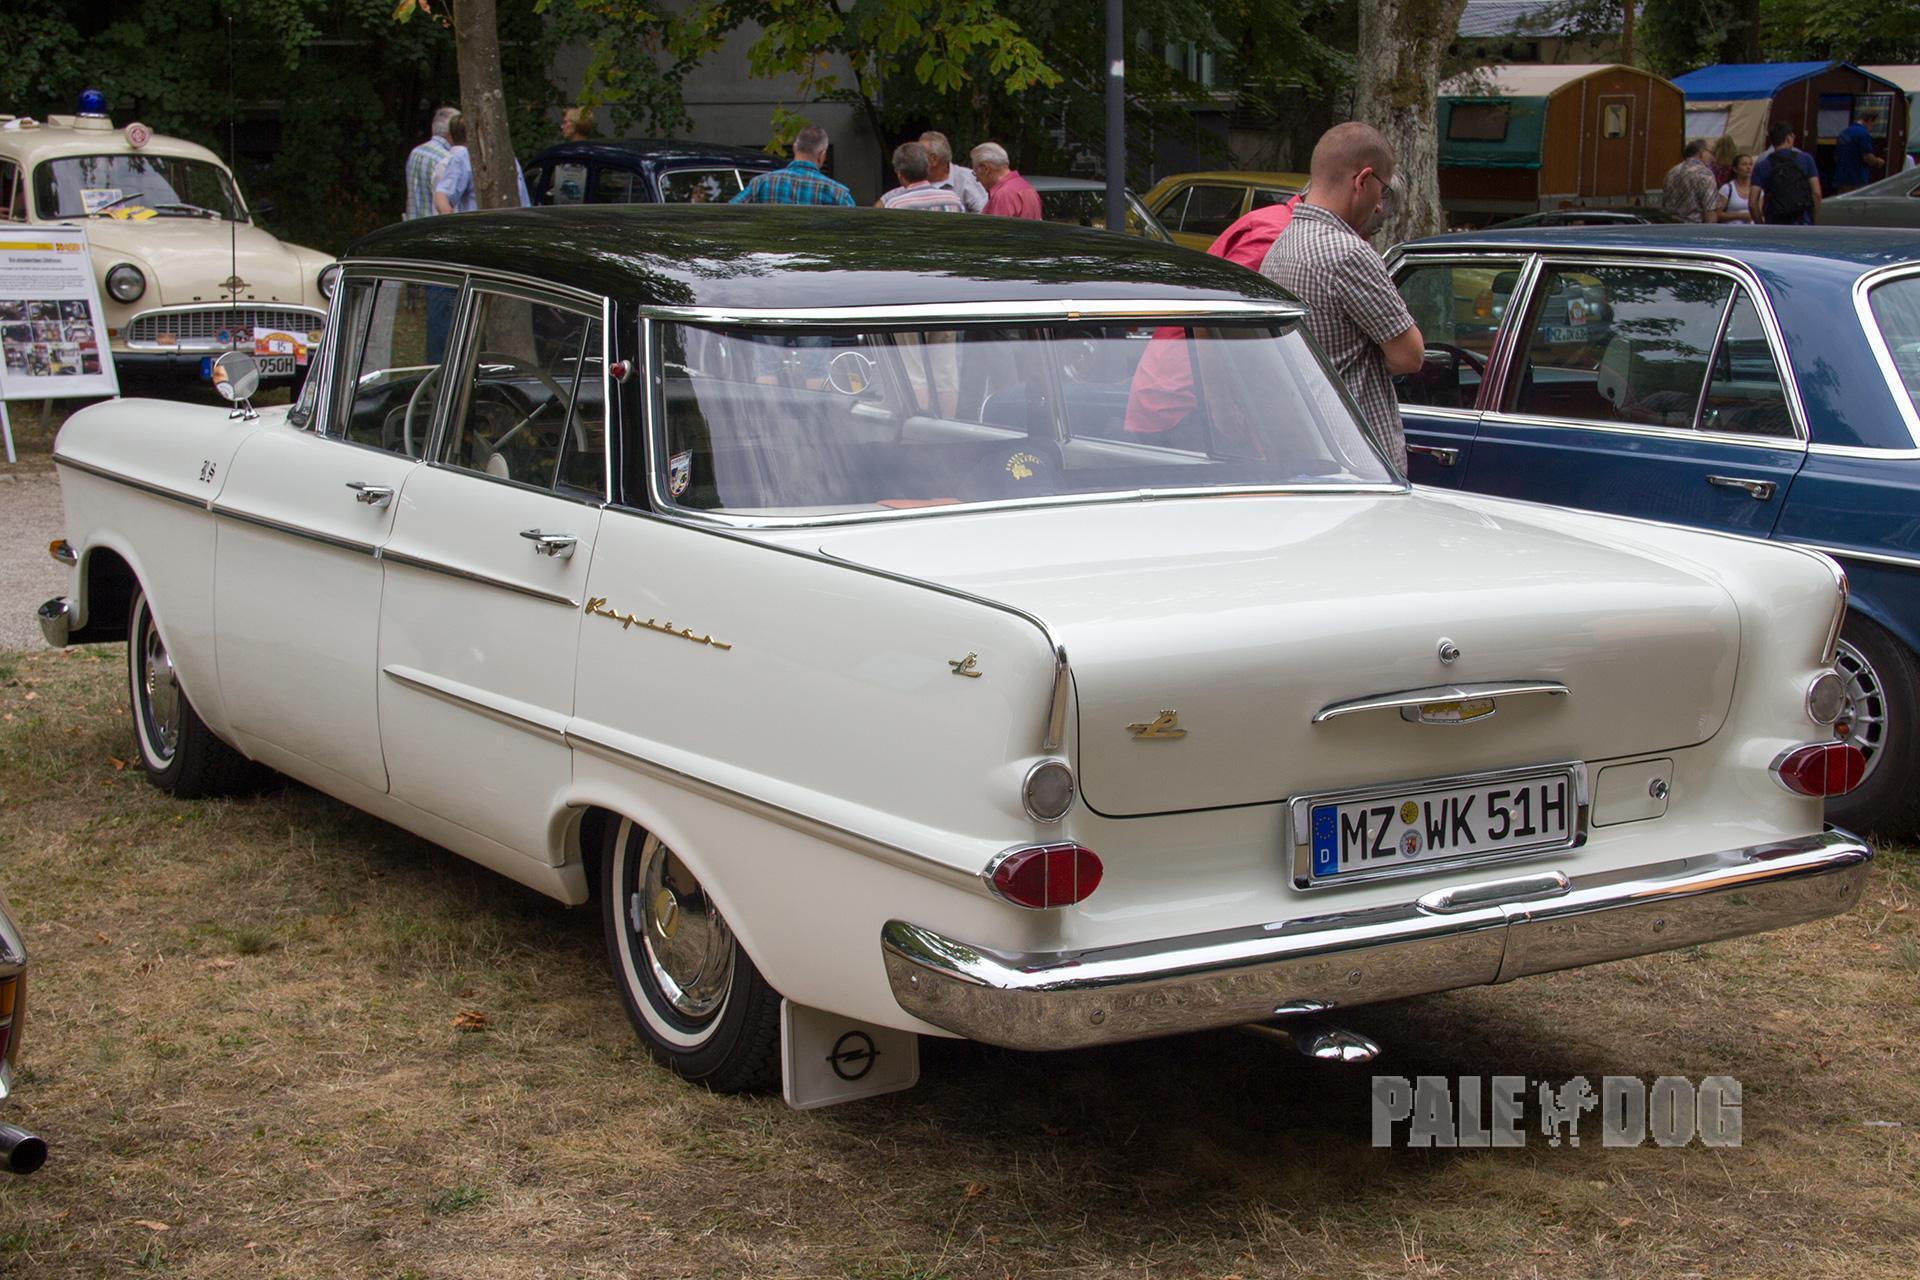 1959 Opel Kapitan P 2 6 L Heck Post War Paledog Fotosammlung